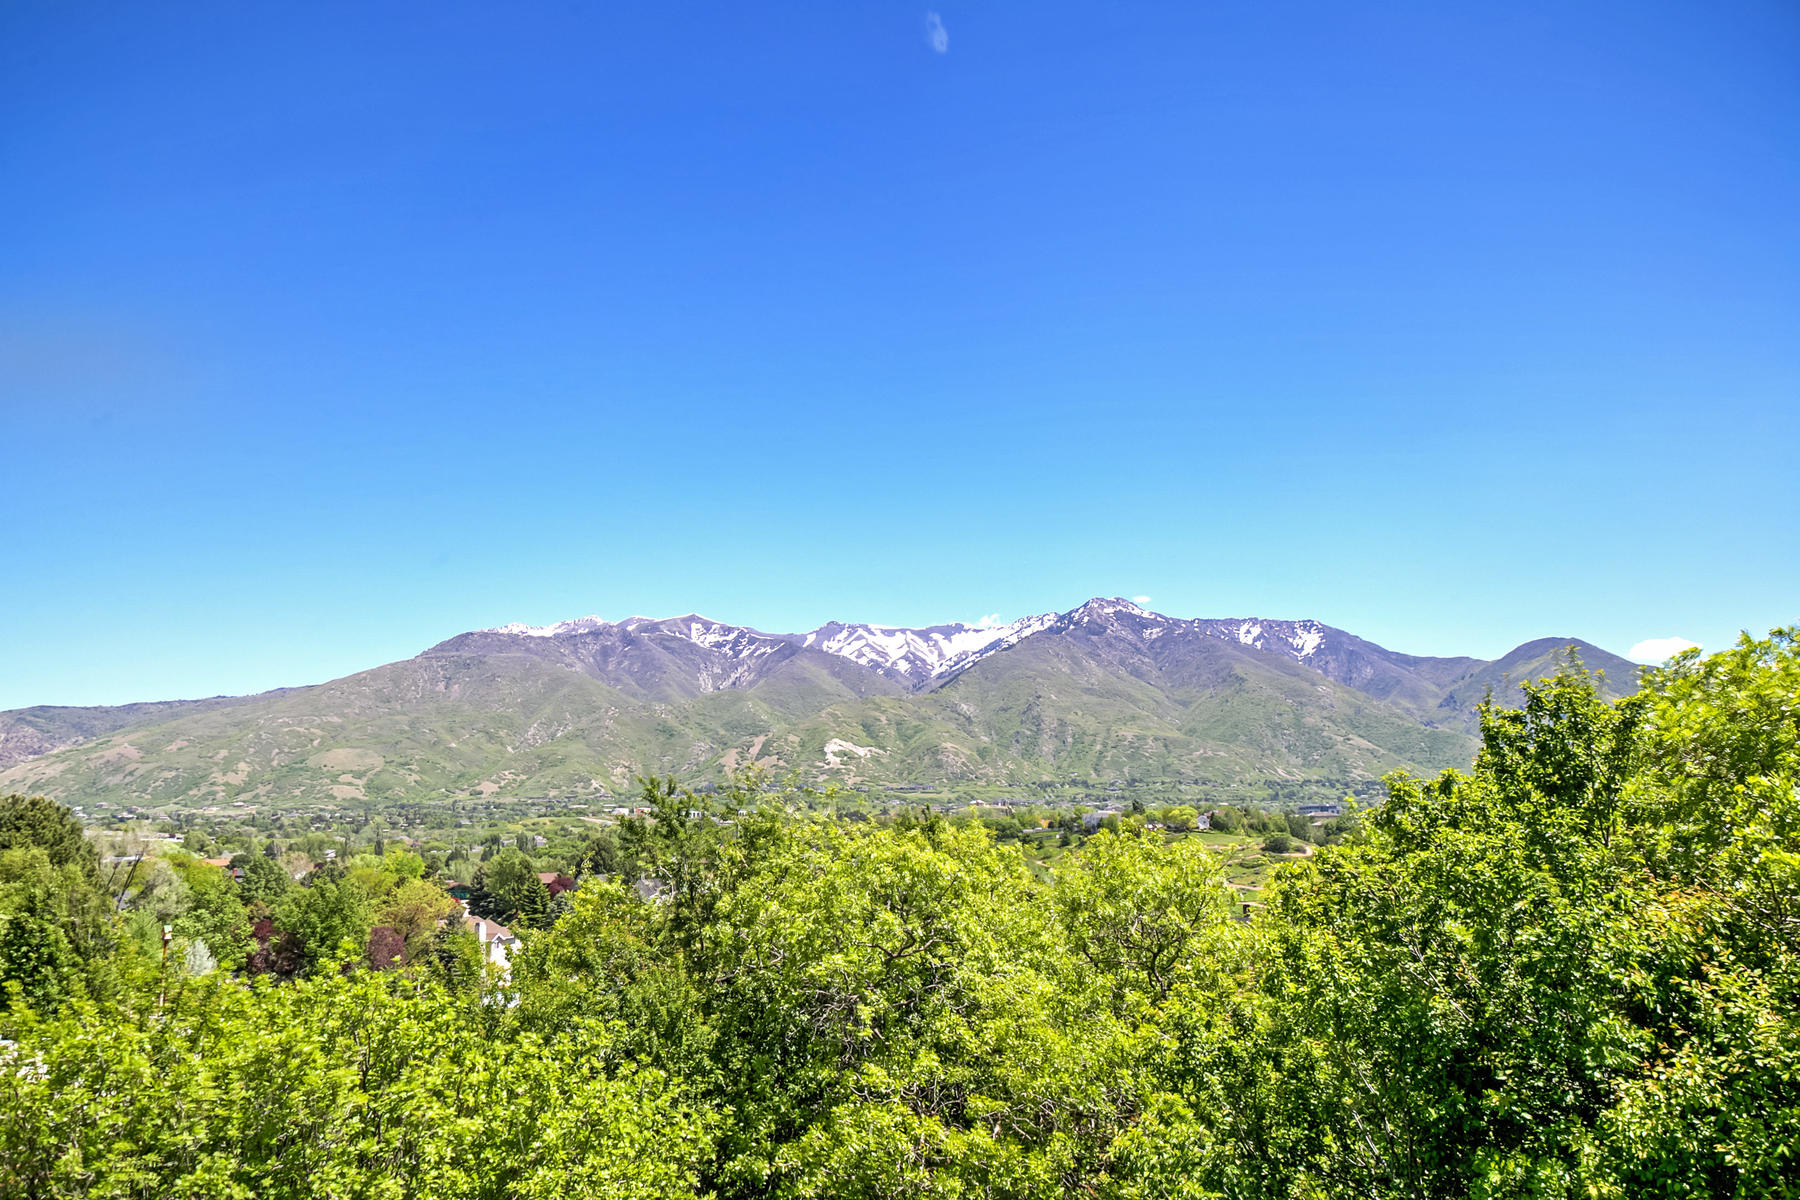 토지 용 매매 에 Unobstructed Mountain and Valley Views 5966 South 1055 East Lot 2 South Ogden, 유타, 84405 미국